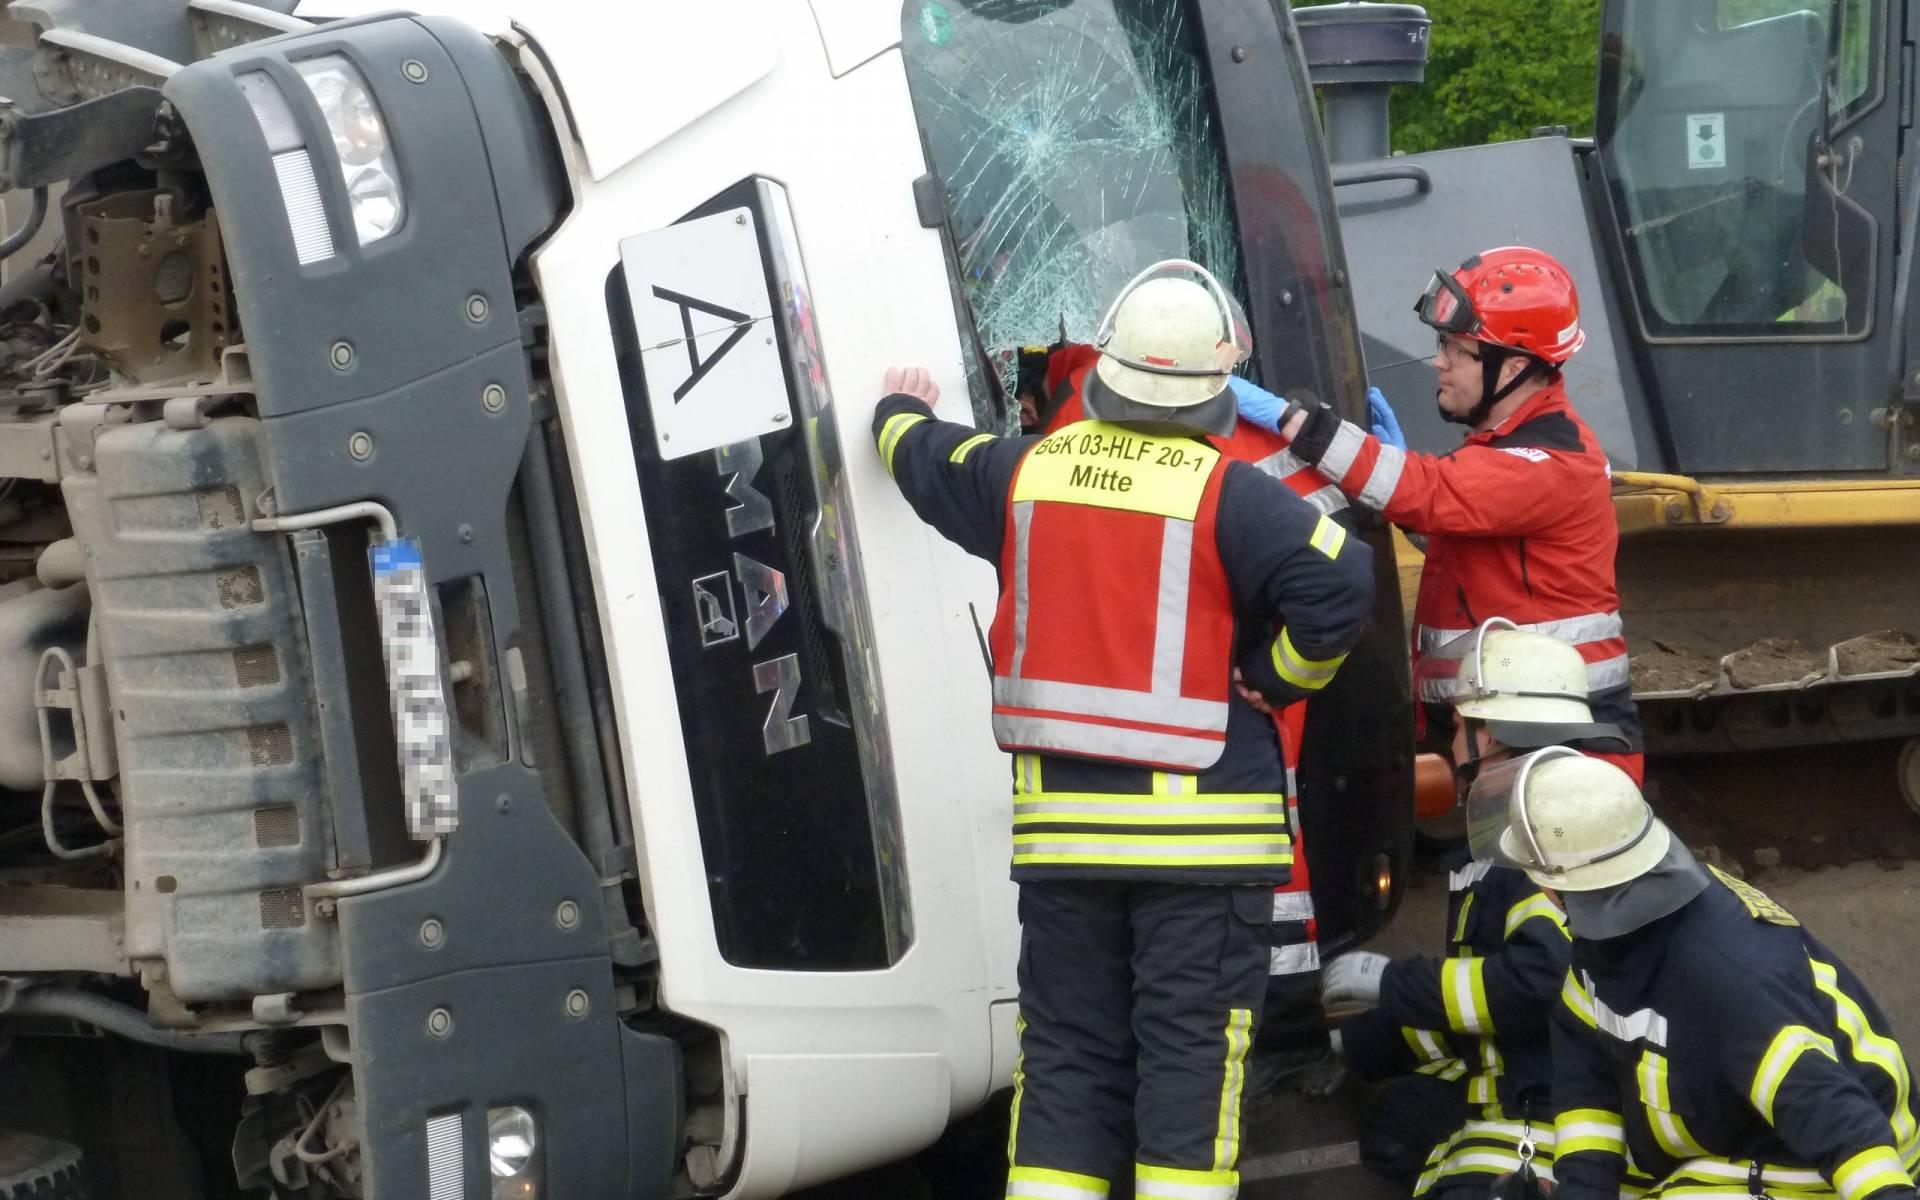 Während die Feuerwehrleute den Mann befreien, wird er bereits medizinisch versorgt